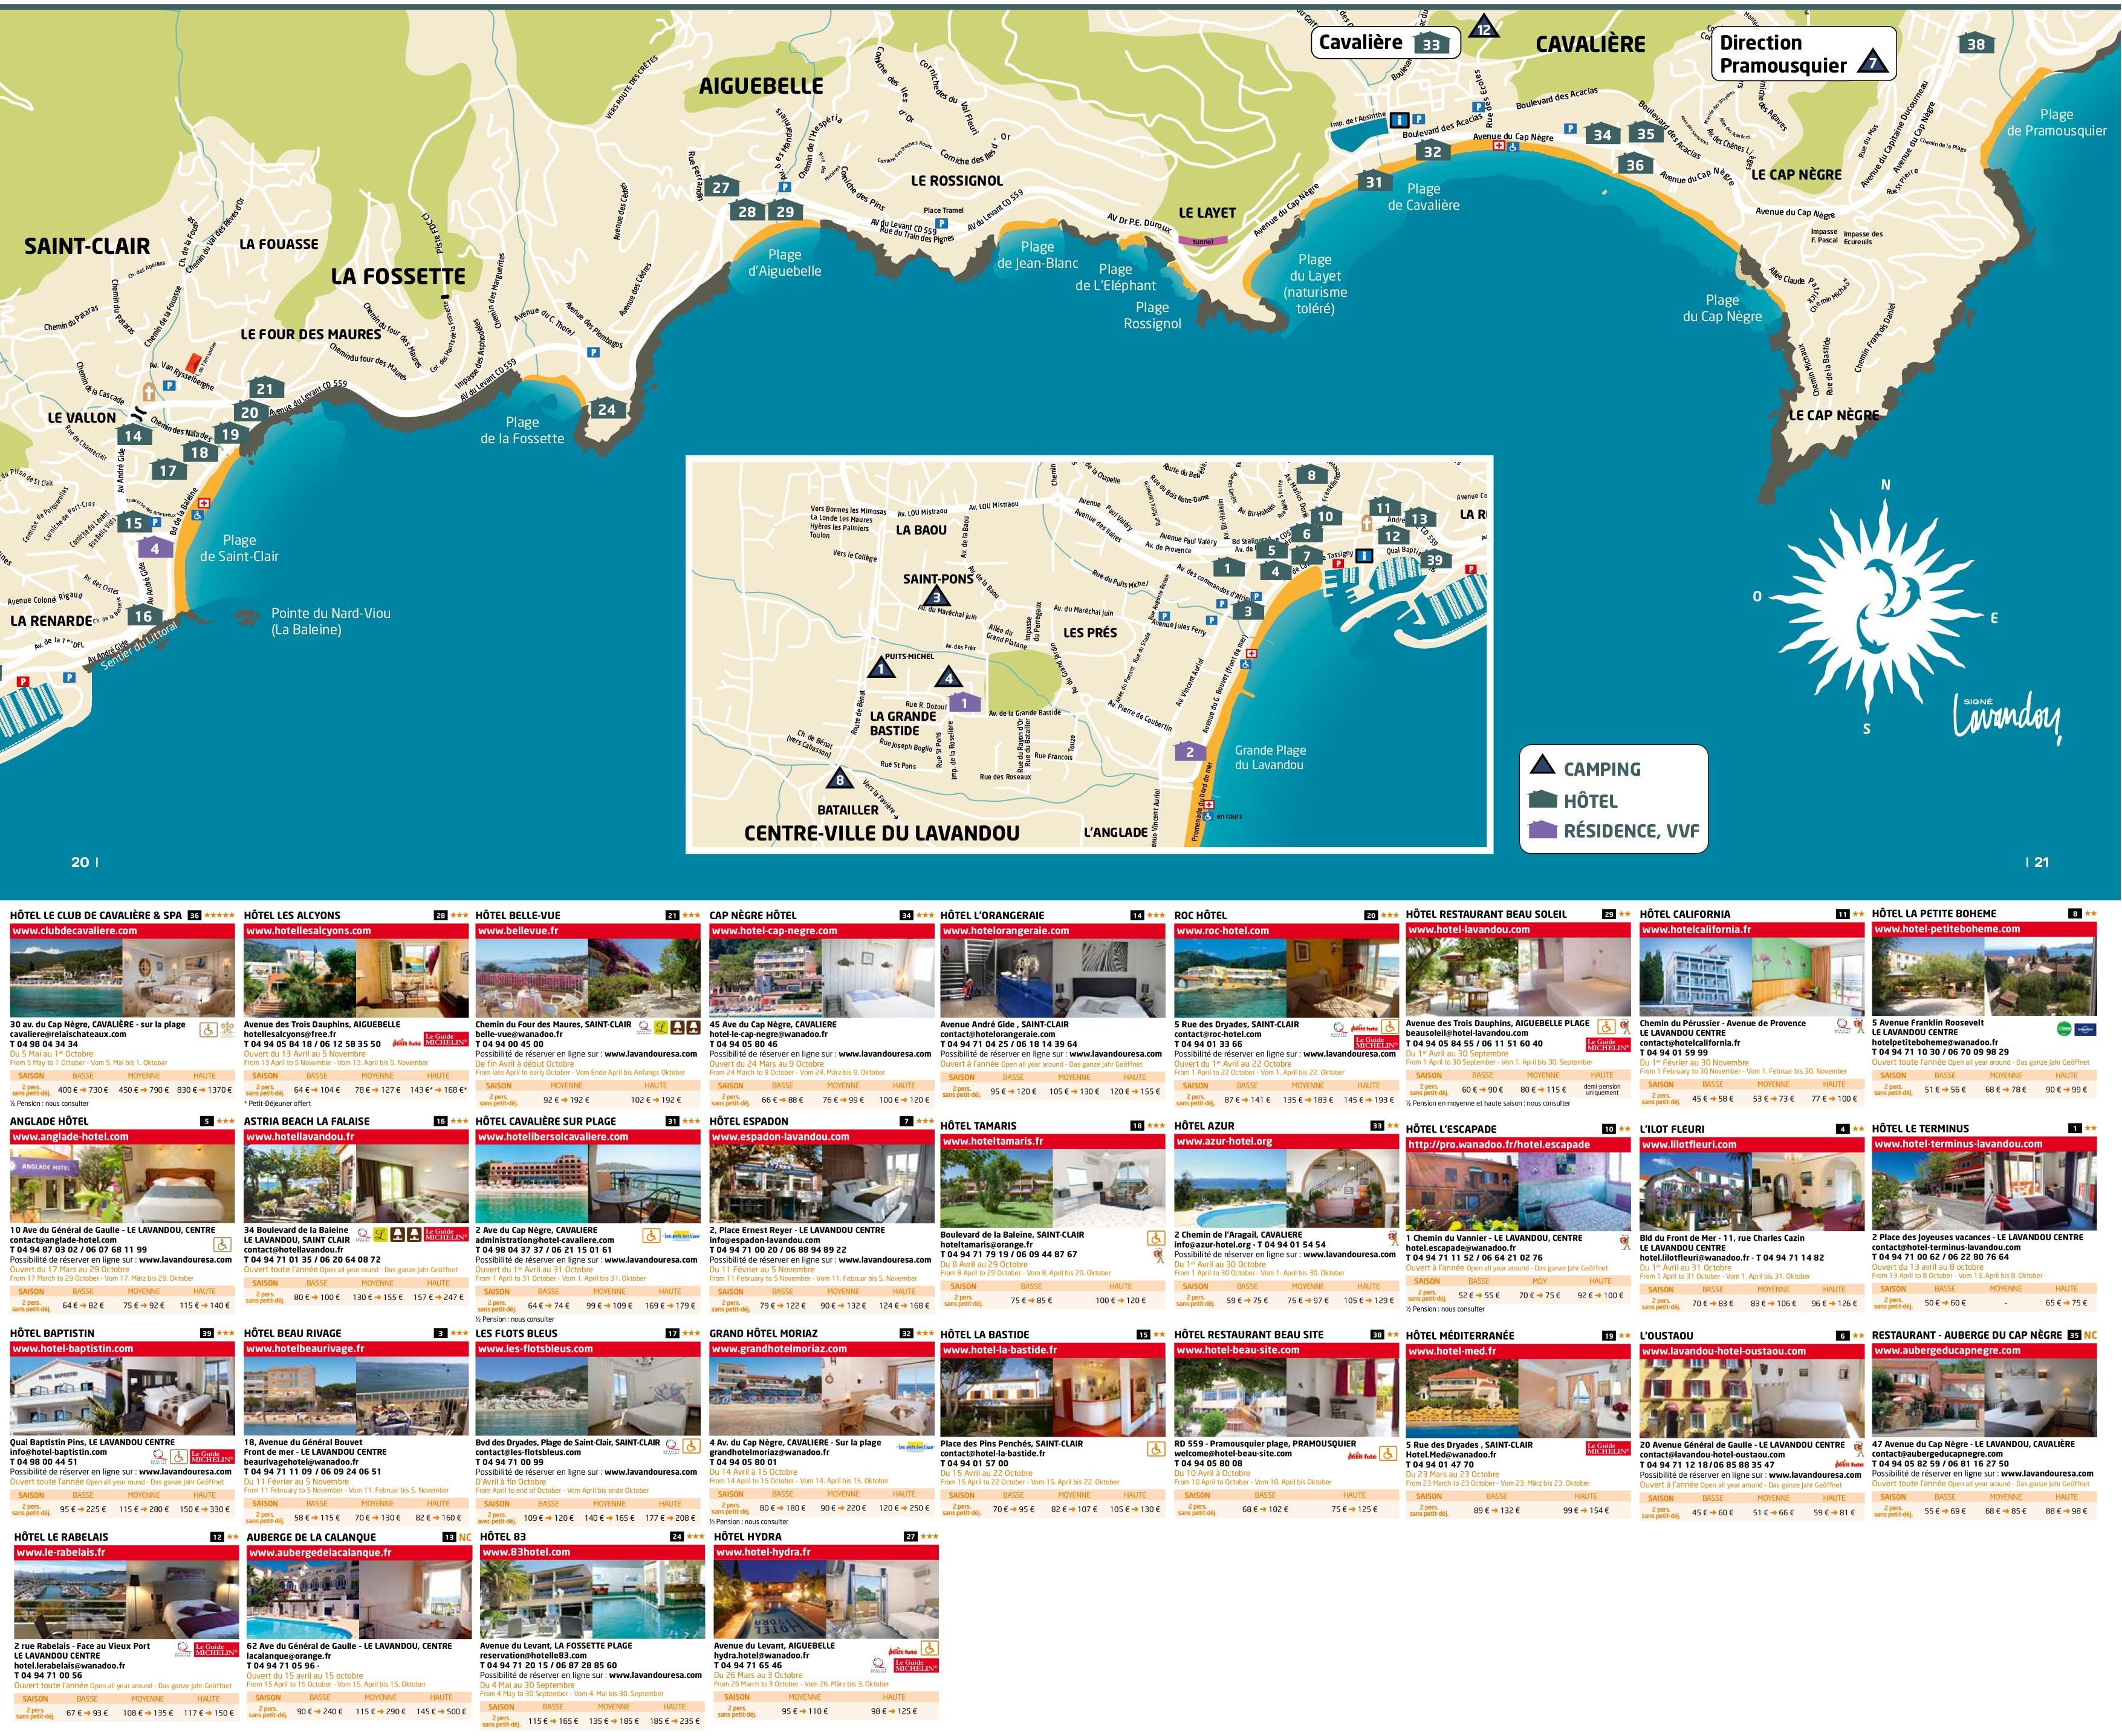 Le Lavandou hotel map